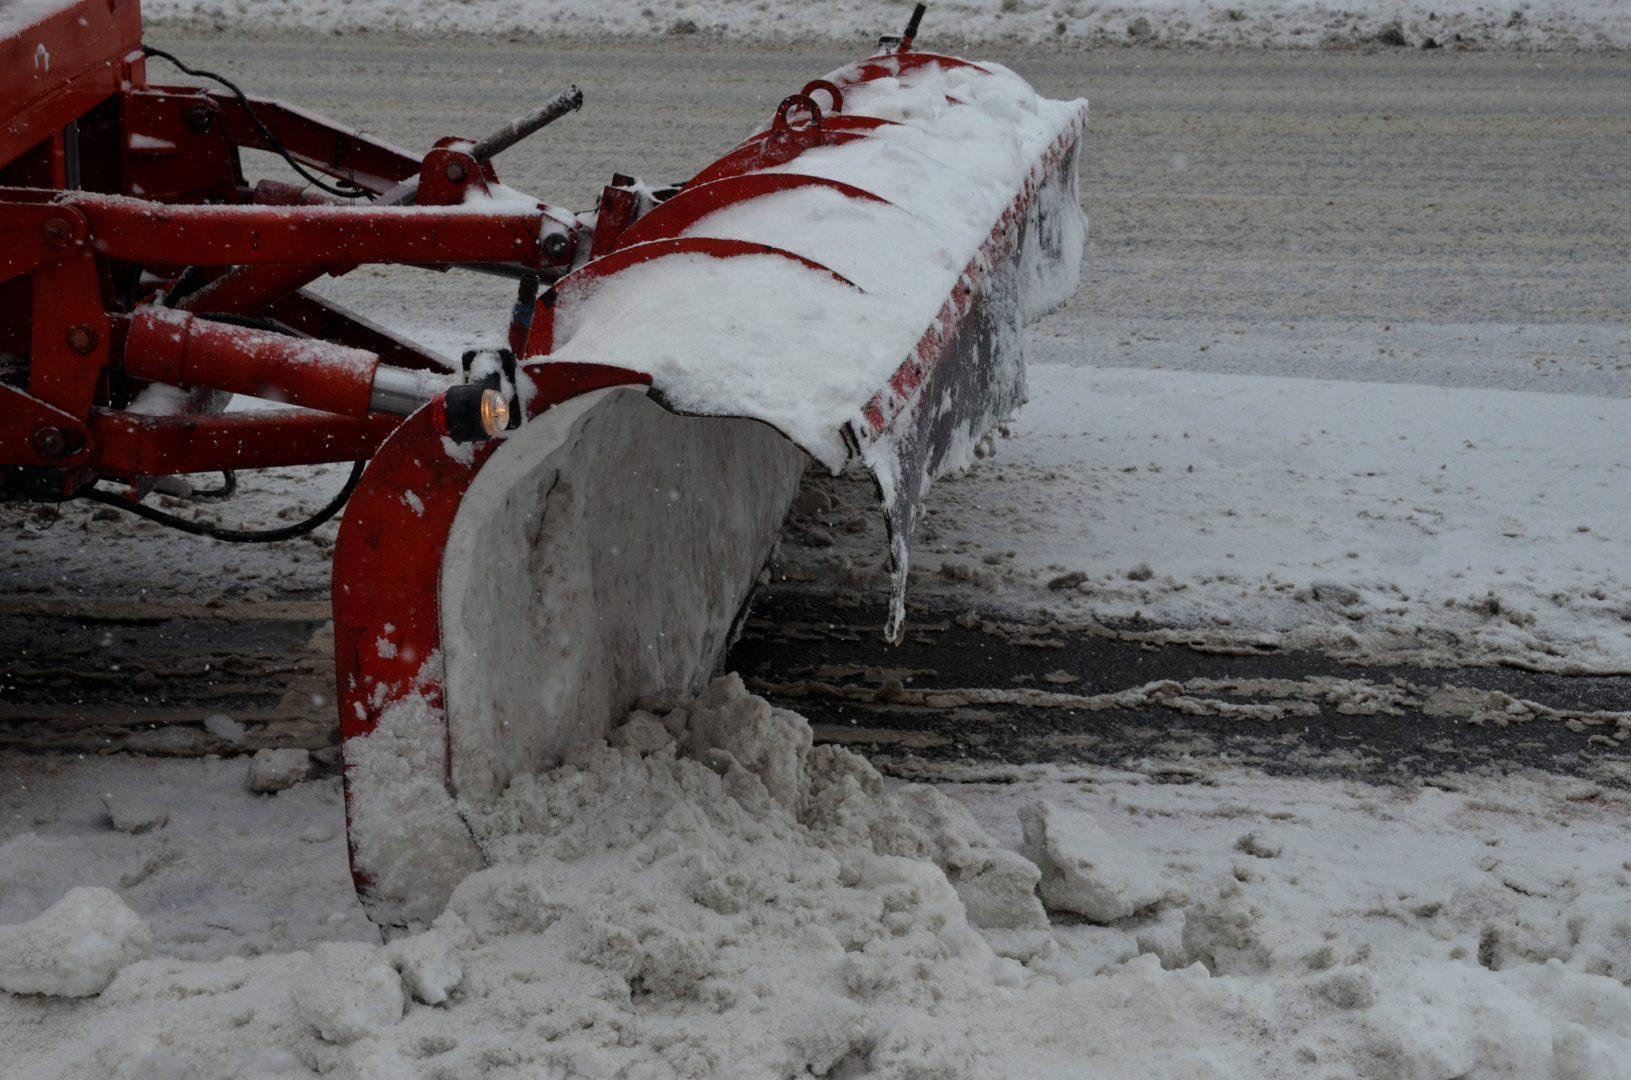 Коммунальные службы Щербинки приступили к уборке снега. Фото Светлана Колоскова «Вечерняя Москва»